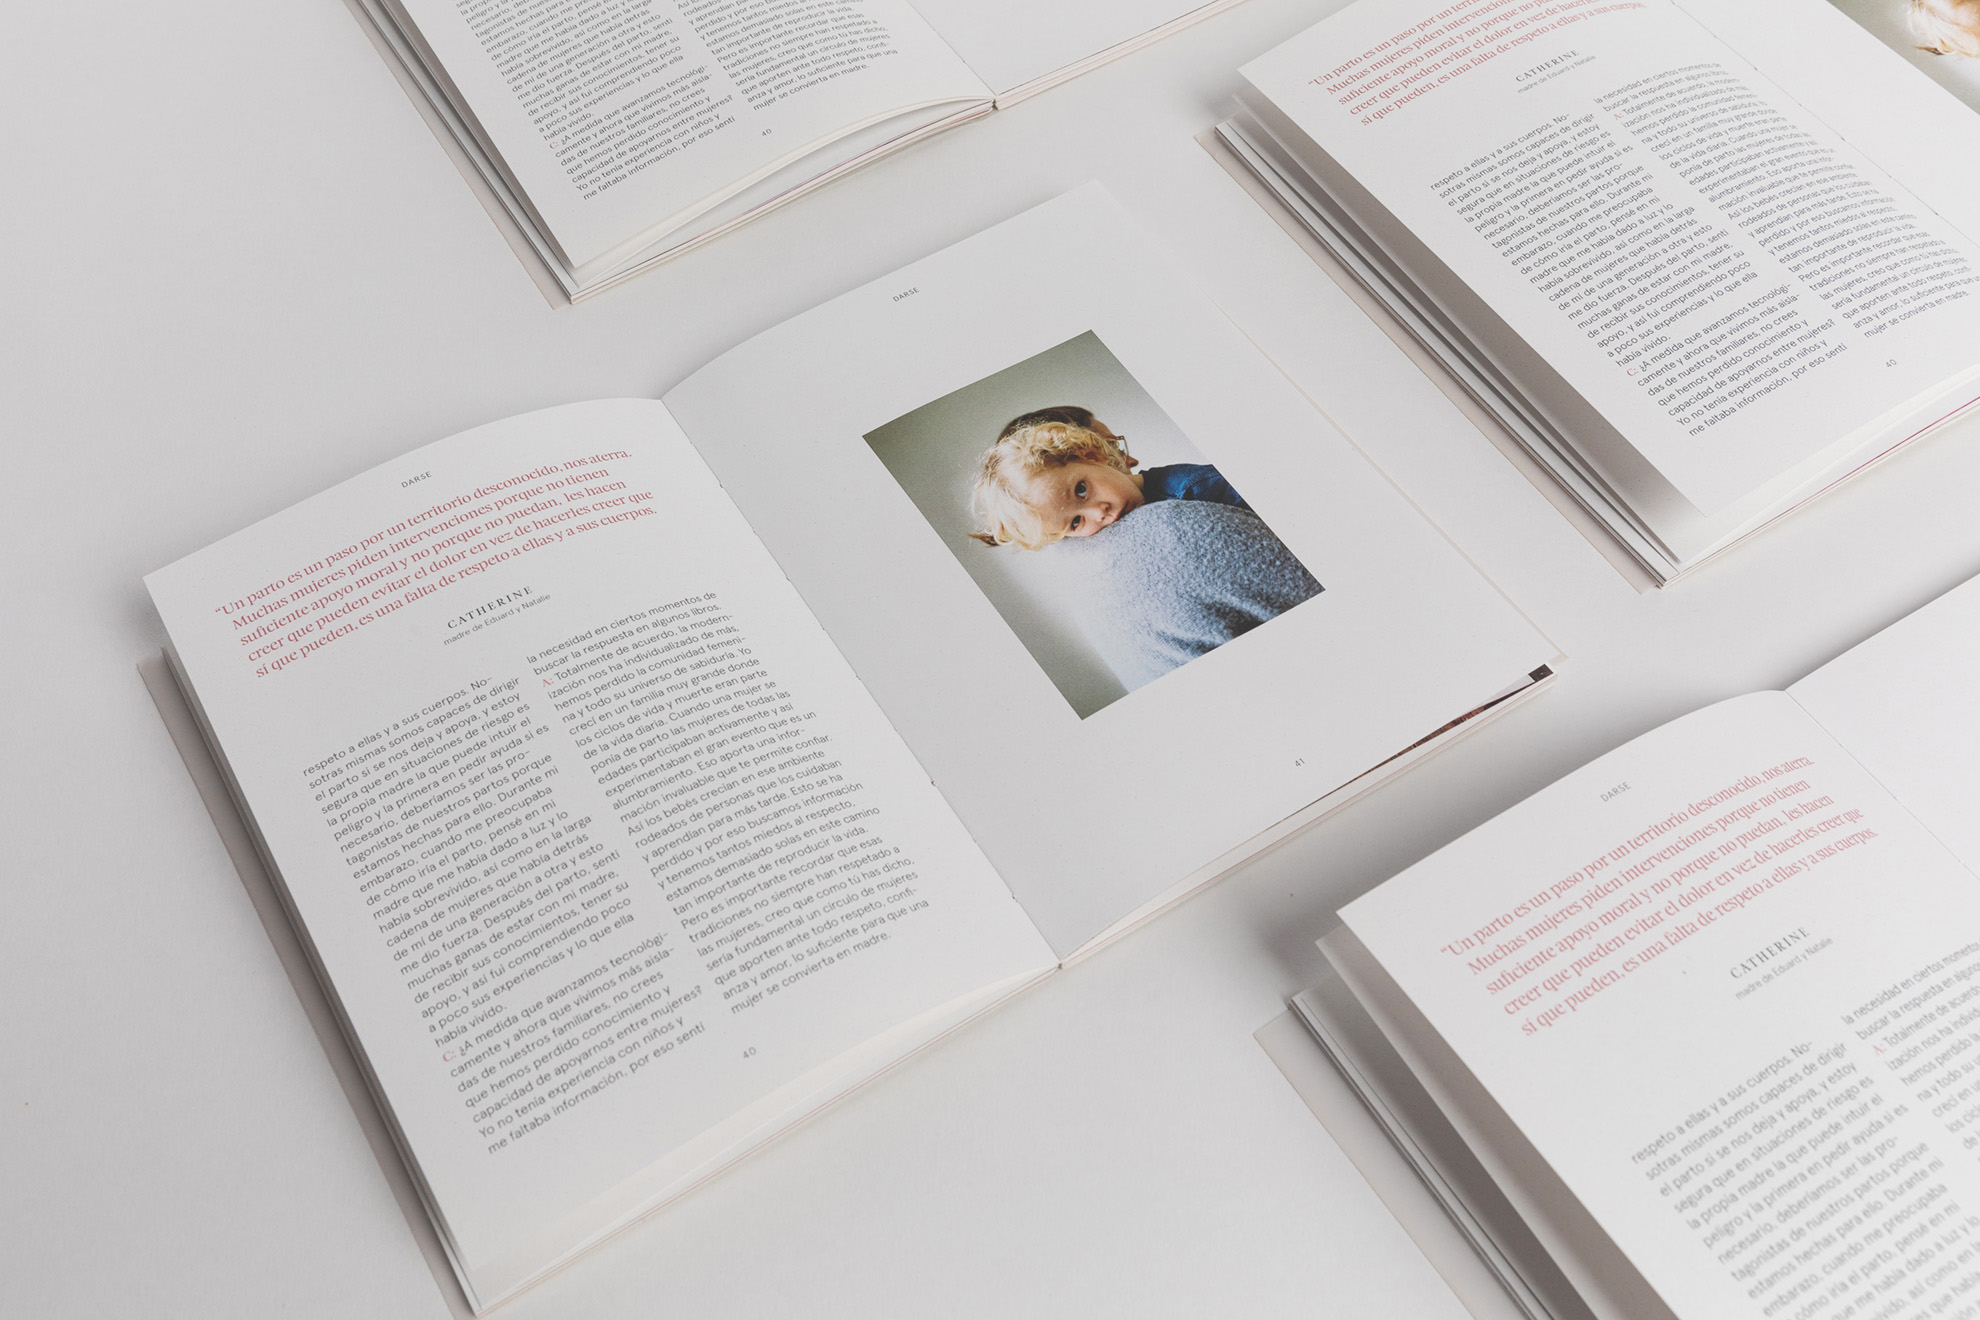 fotos_cuaderno copy.jpg